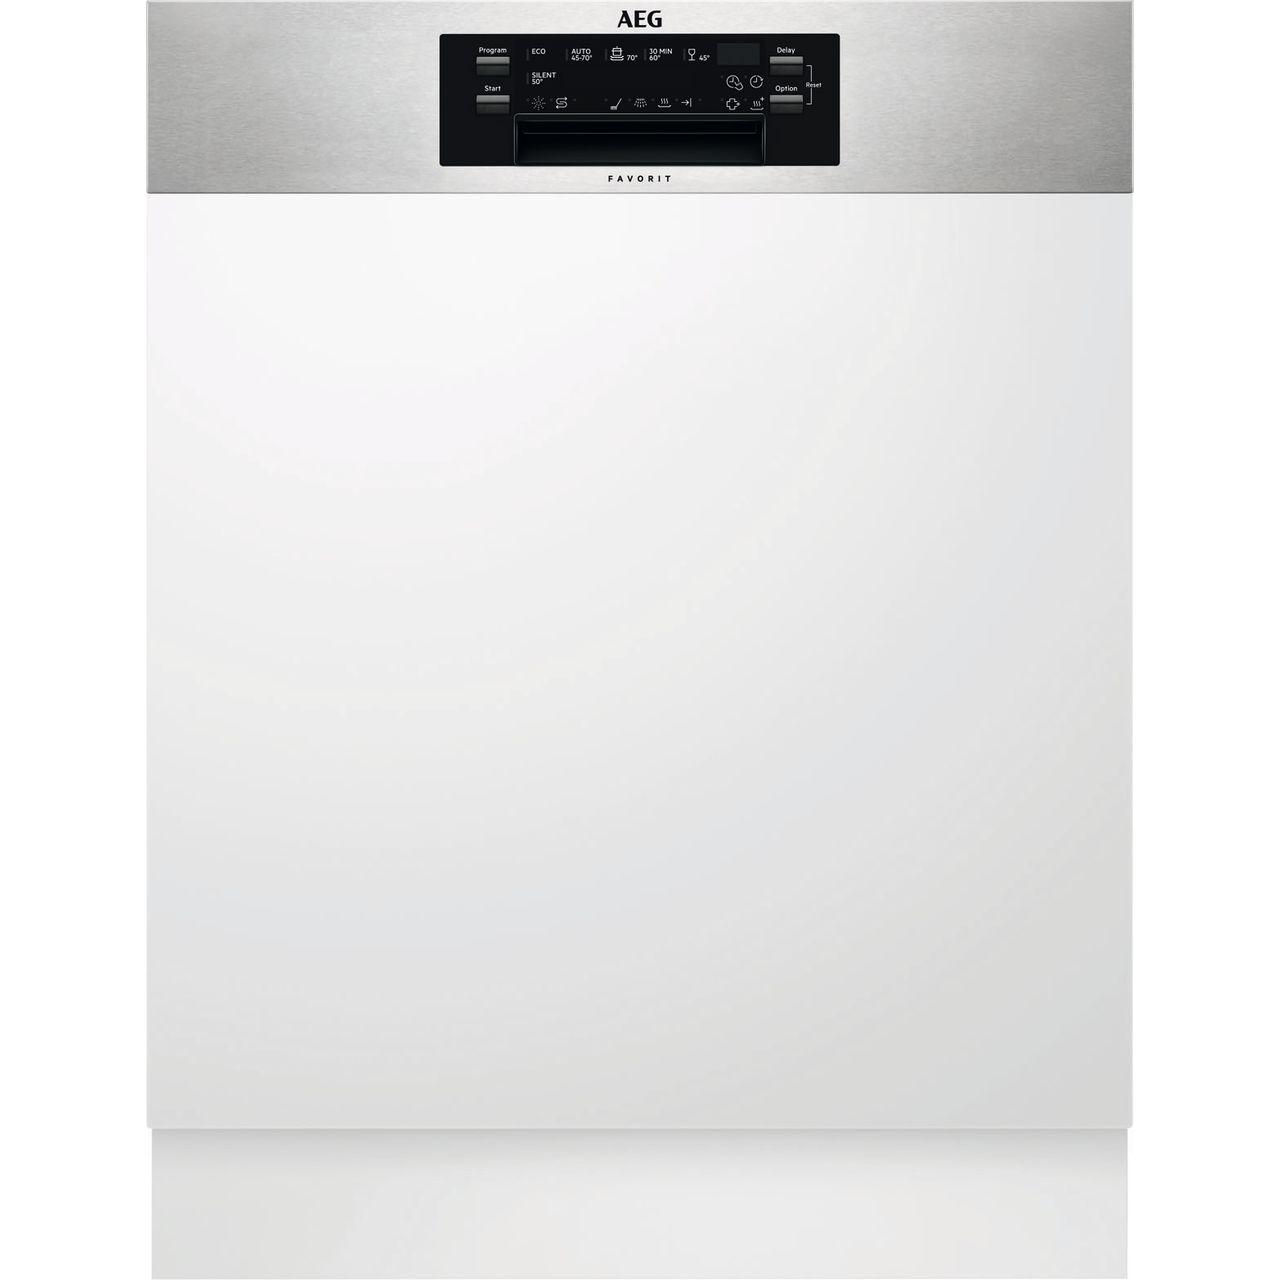 Fee62600pm Si Aeg Dishwasher A Air Dry Tech Ao Com